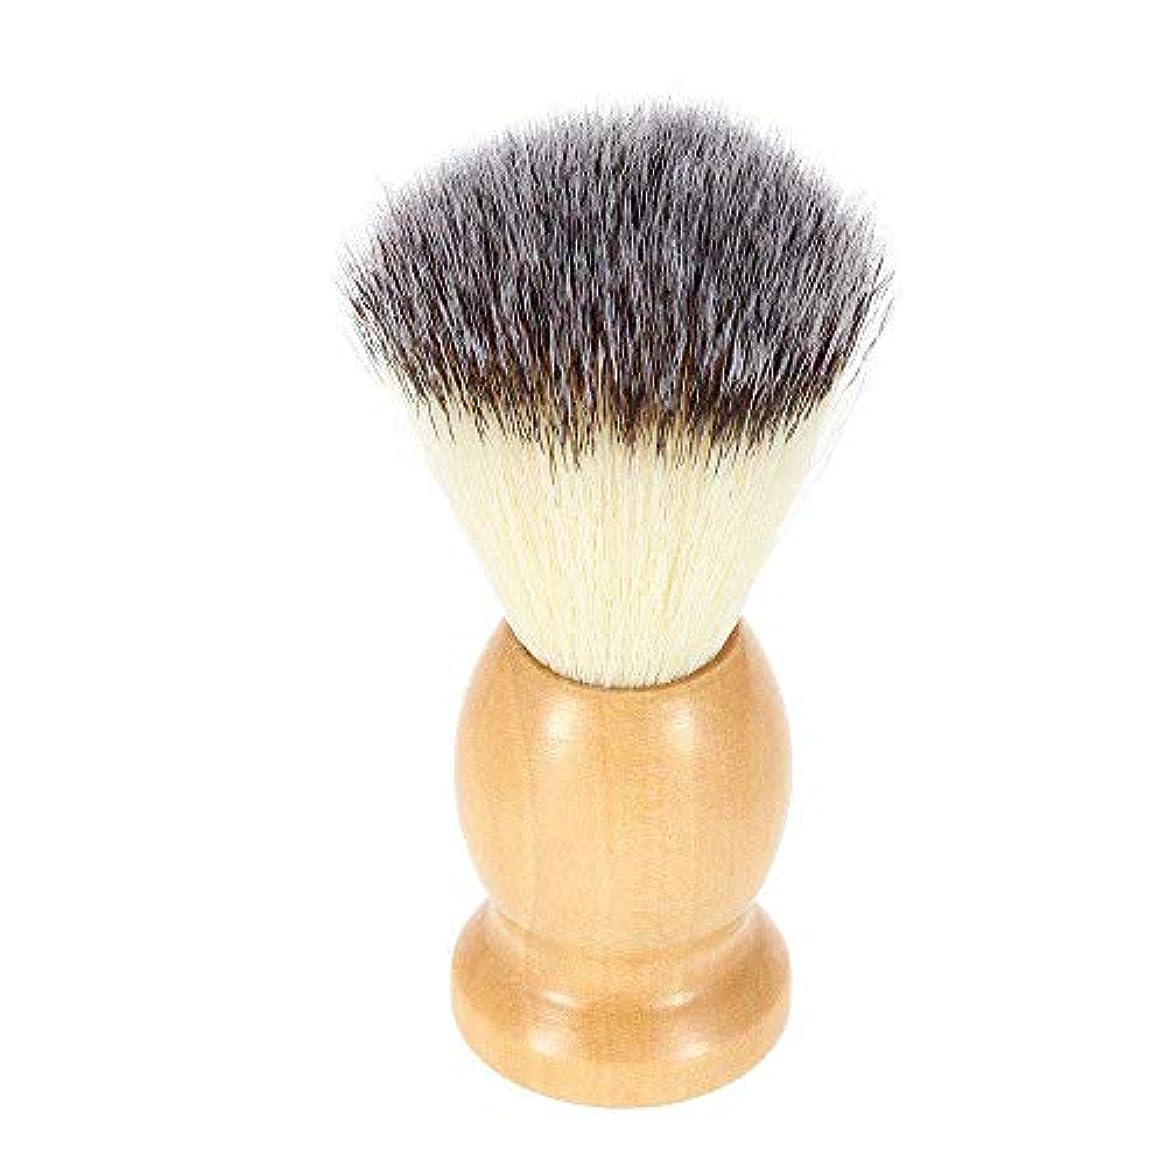 先入観市区町村酸化物1 ナイロンひげブラシ ハンドルシェービングブラシ 泡立ち 理容 洗顔 髭剃り ご主人メンズ用ブラシ 木製ひげブラシ